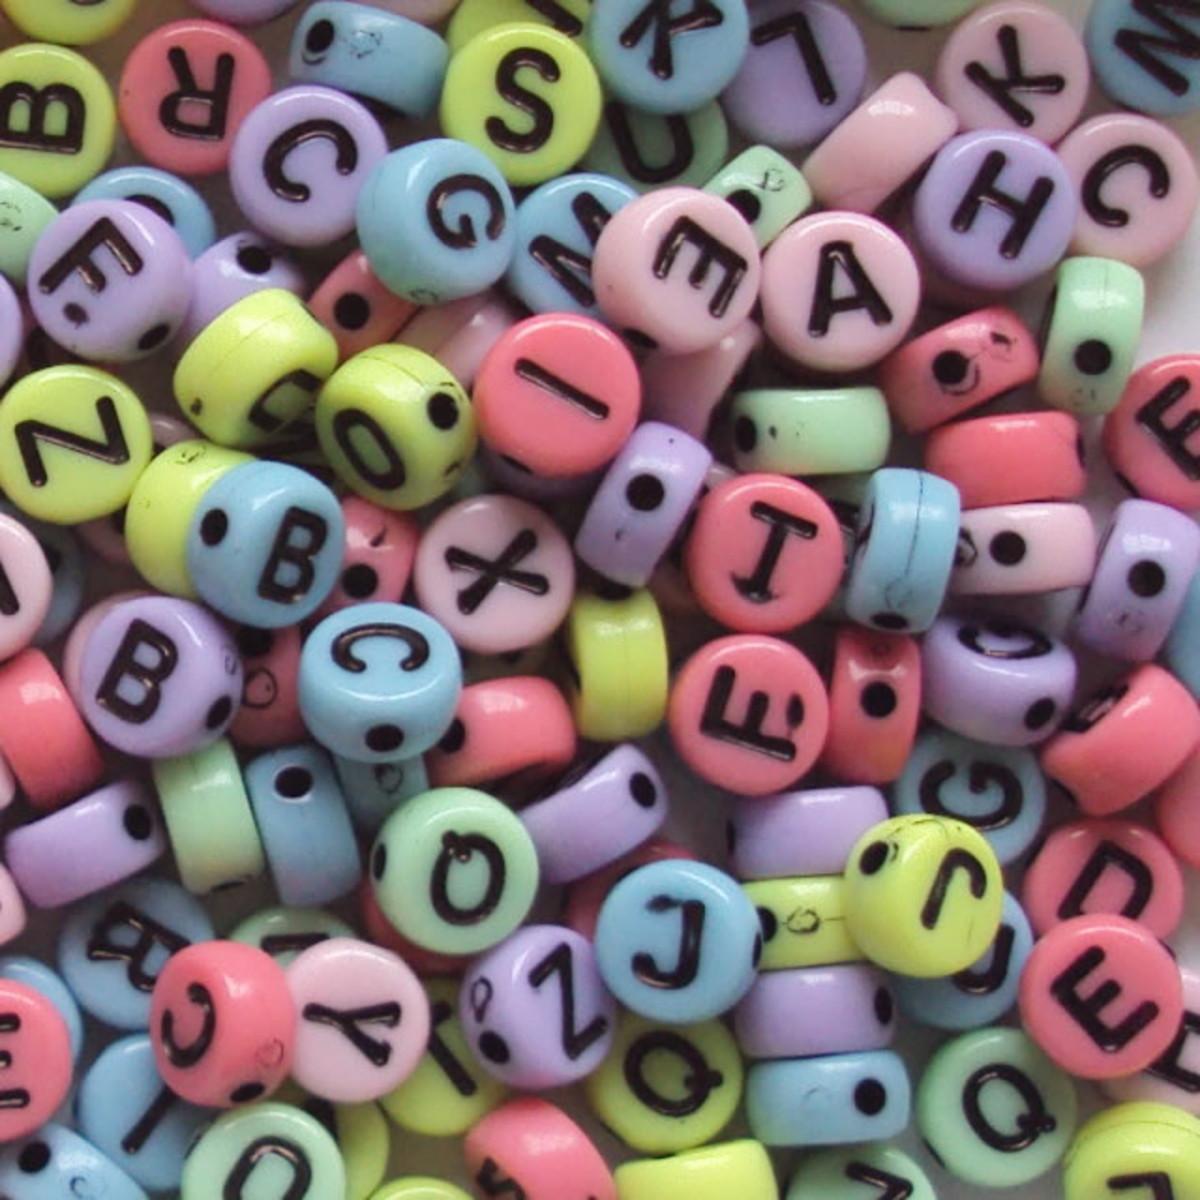 Alfabeto redondo colorido leitoso - 25g